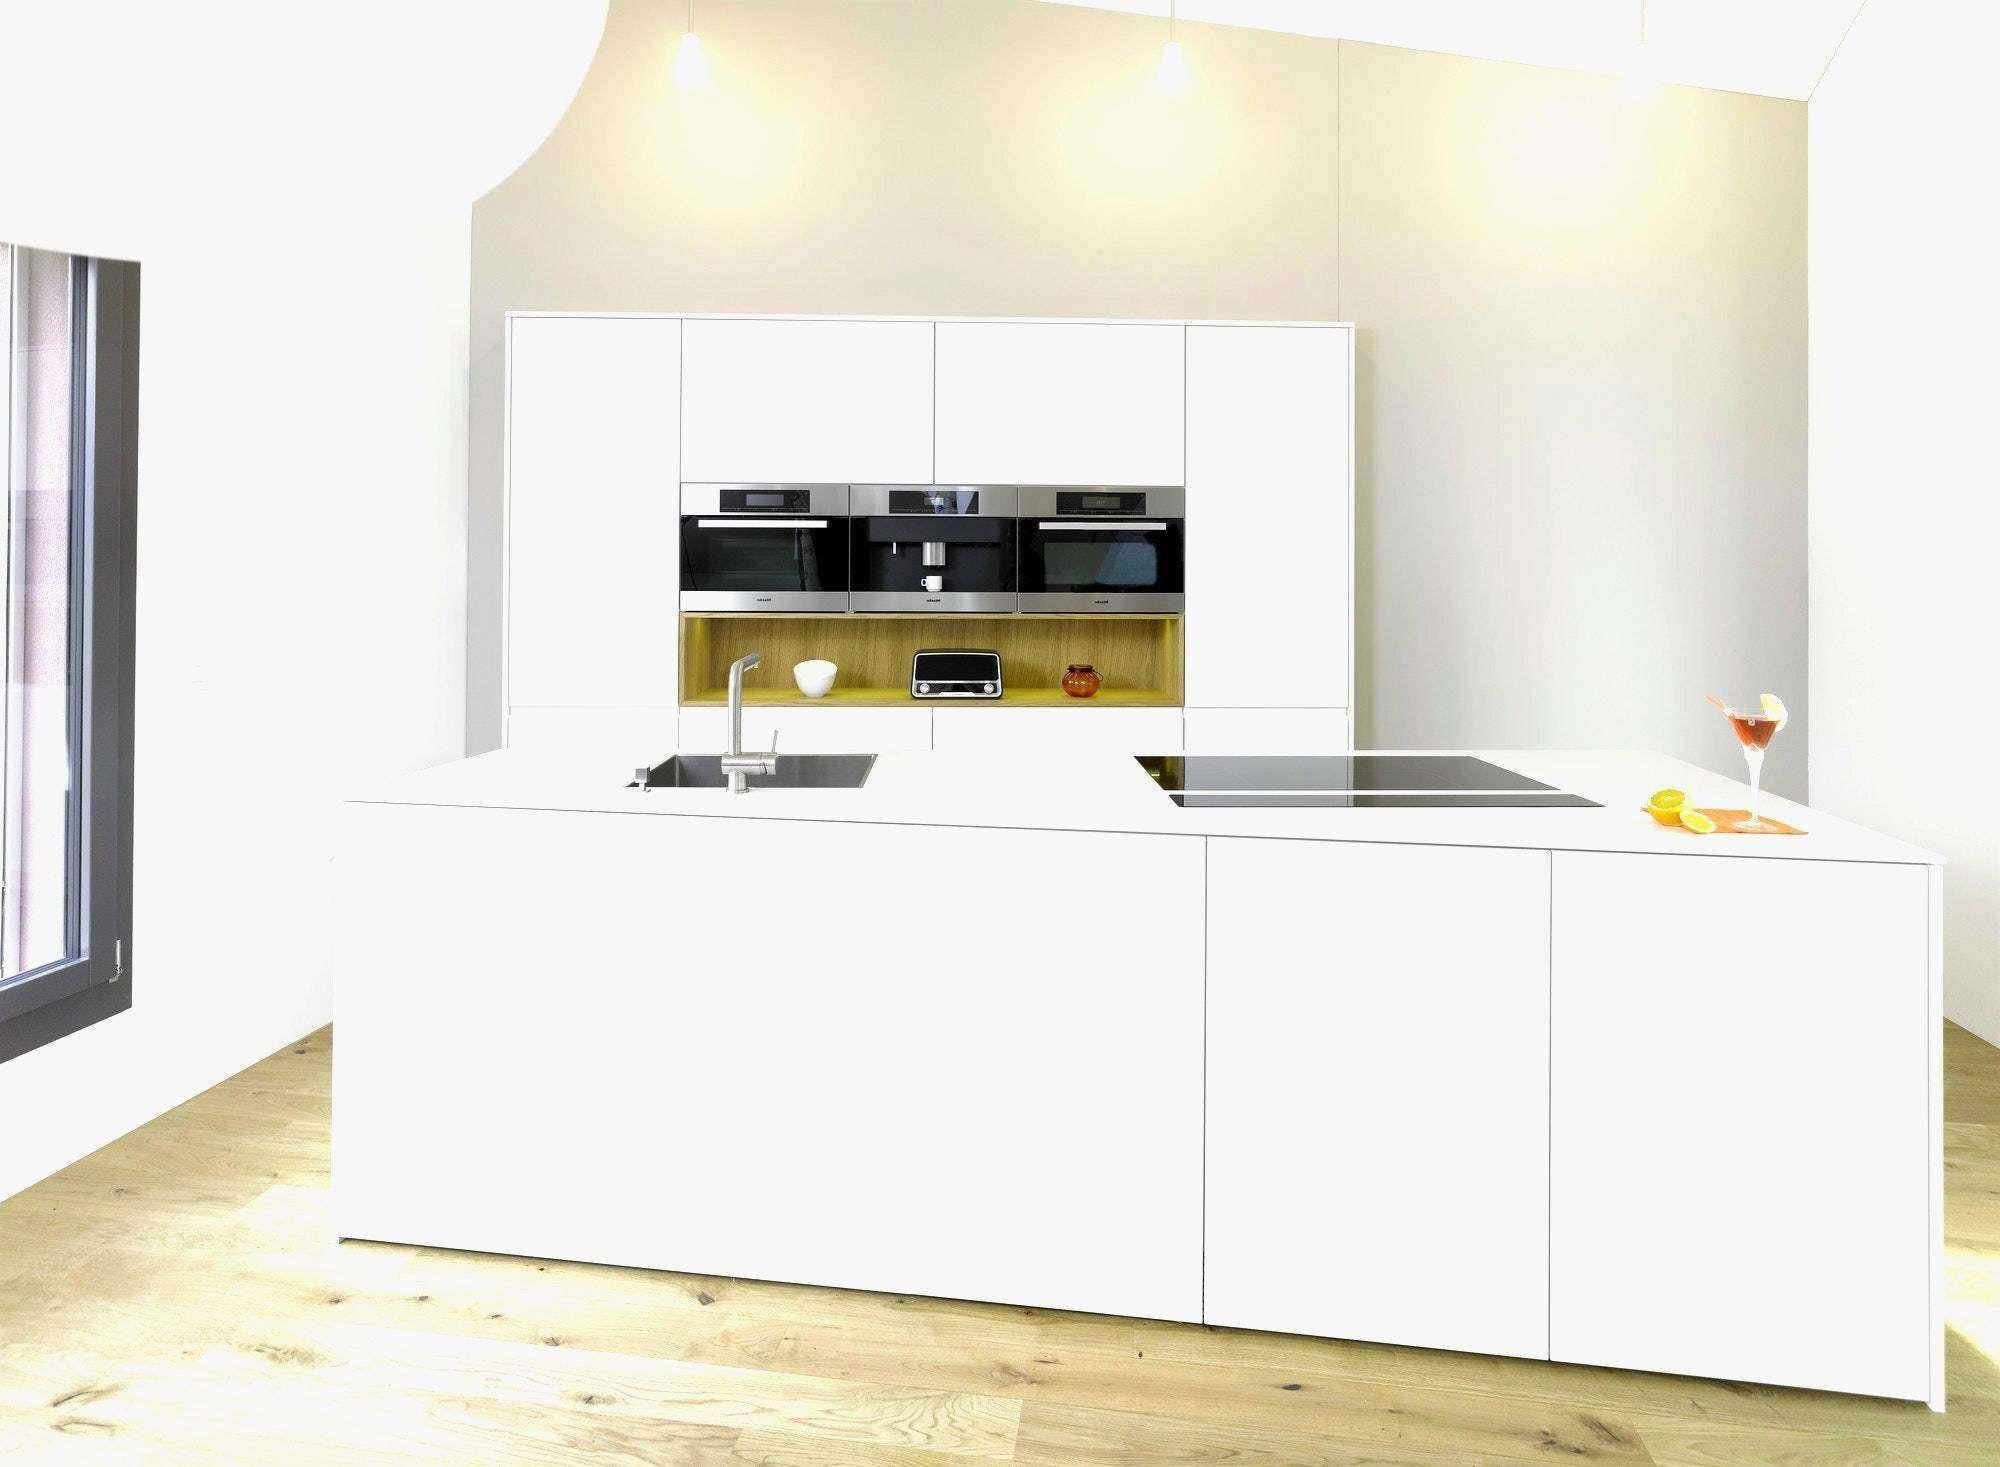 Full Size of Küche Klapptisch Sthle Kche Wei 40 Elegant Klapptische Einzigartig Wandpaneel Glas Niederdruck Armatur Aufbewahrungssystem Selbst Zusammenstellen Bauen Wohnzimmer Küche Klapptisch